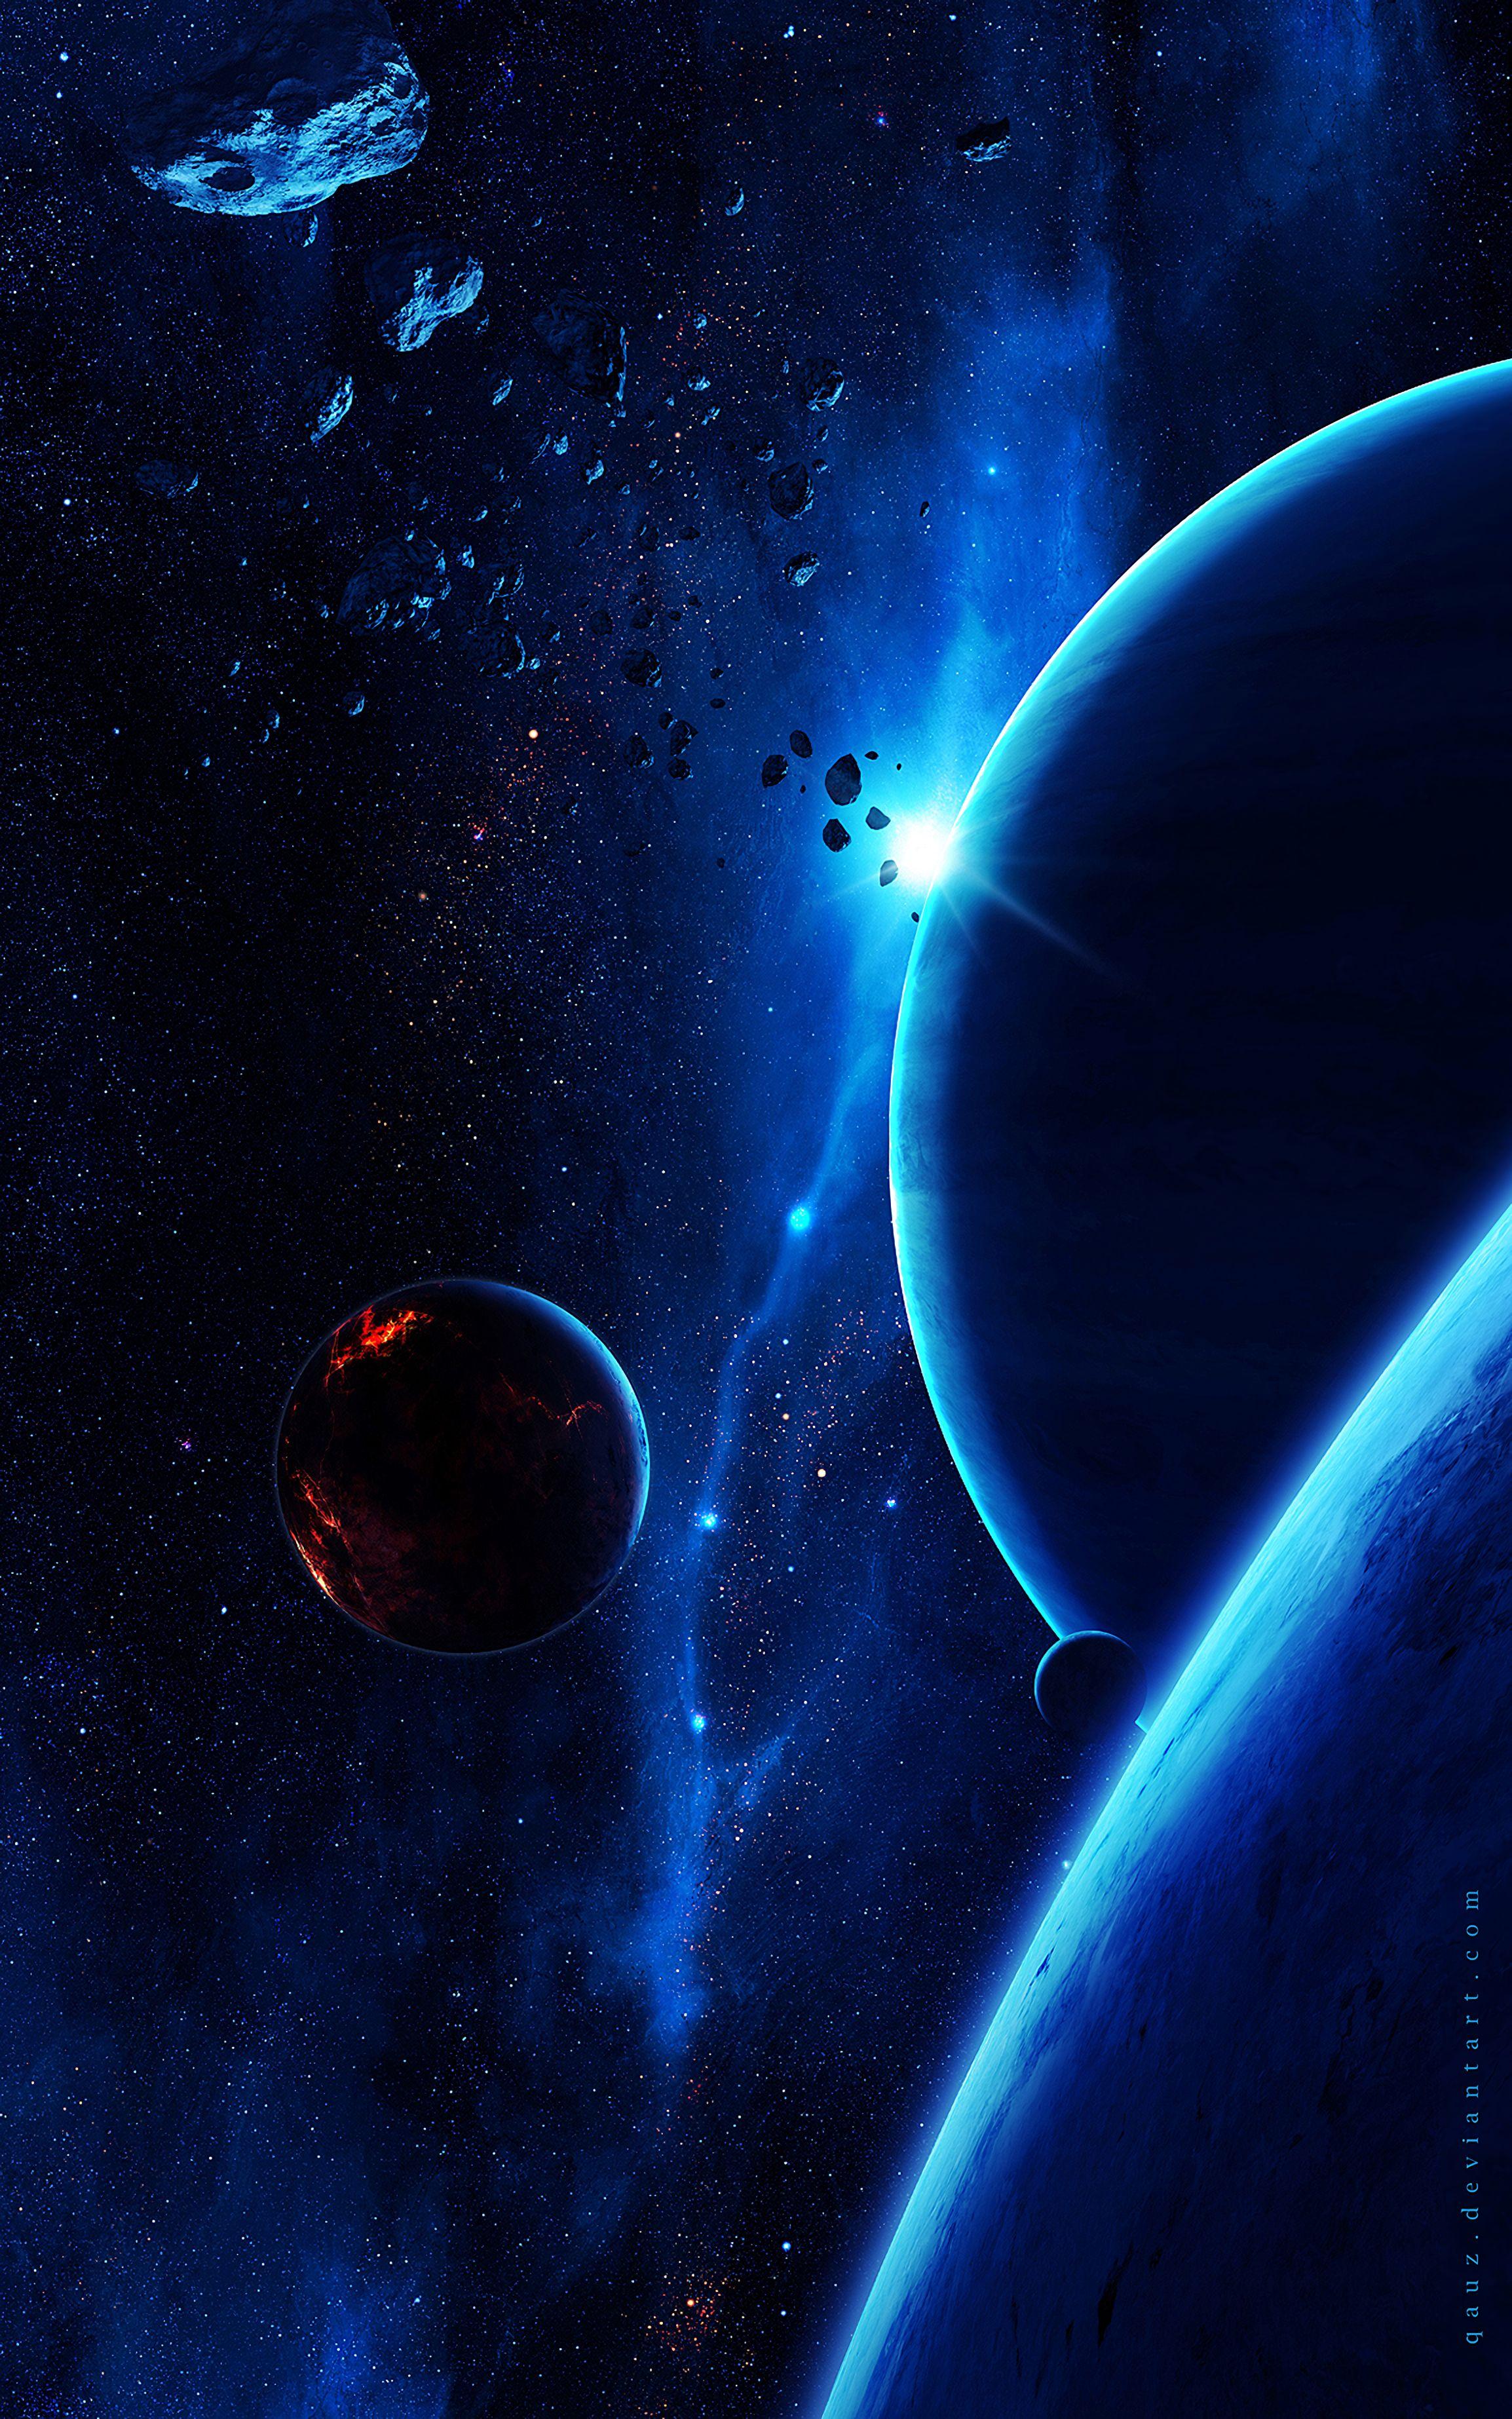 78262 скачать обои Планеты, Космический, Вселенная, Звезды, Пространство, Космос, Спутники - заставки и картинки бесплатно